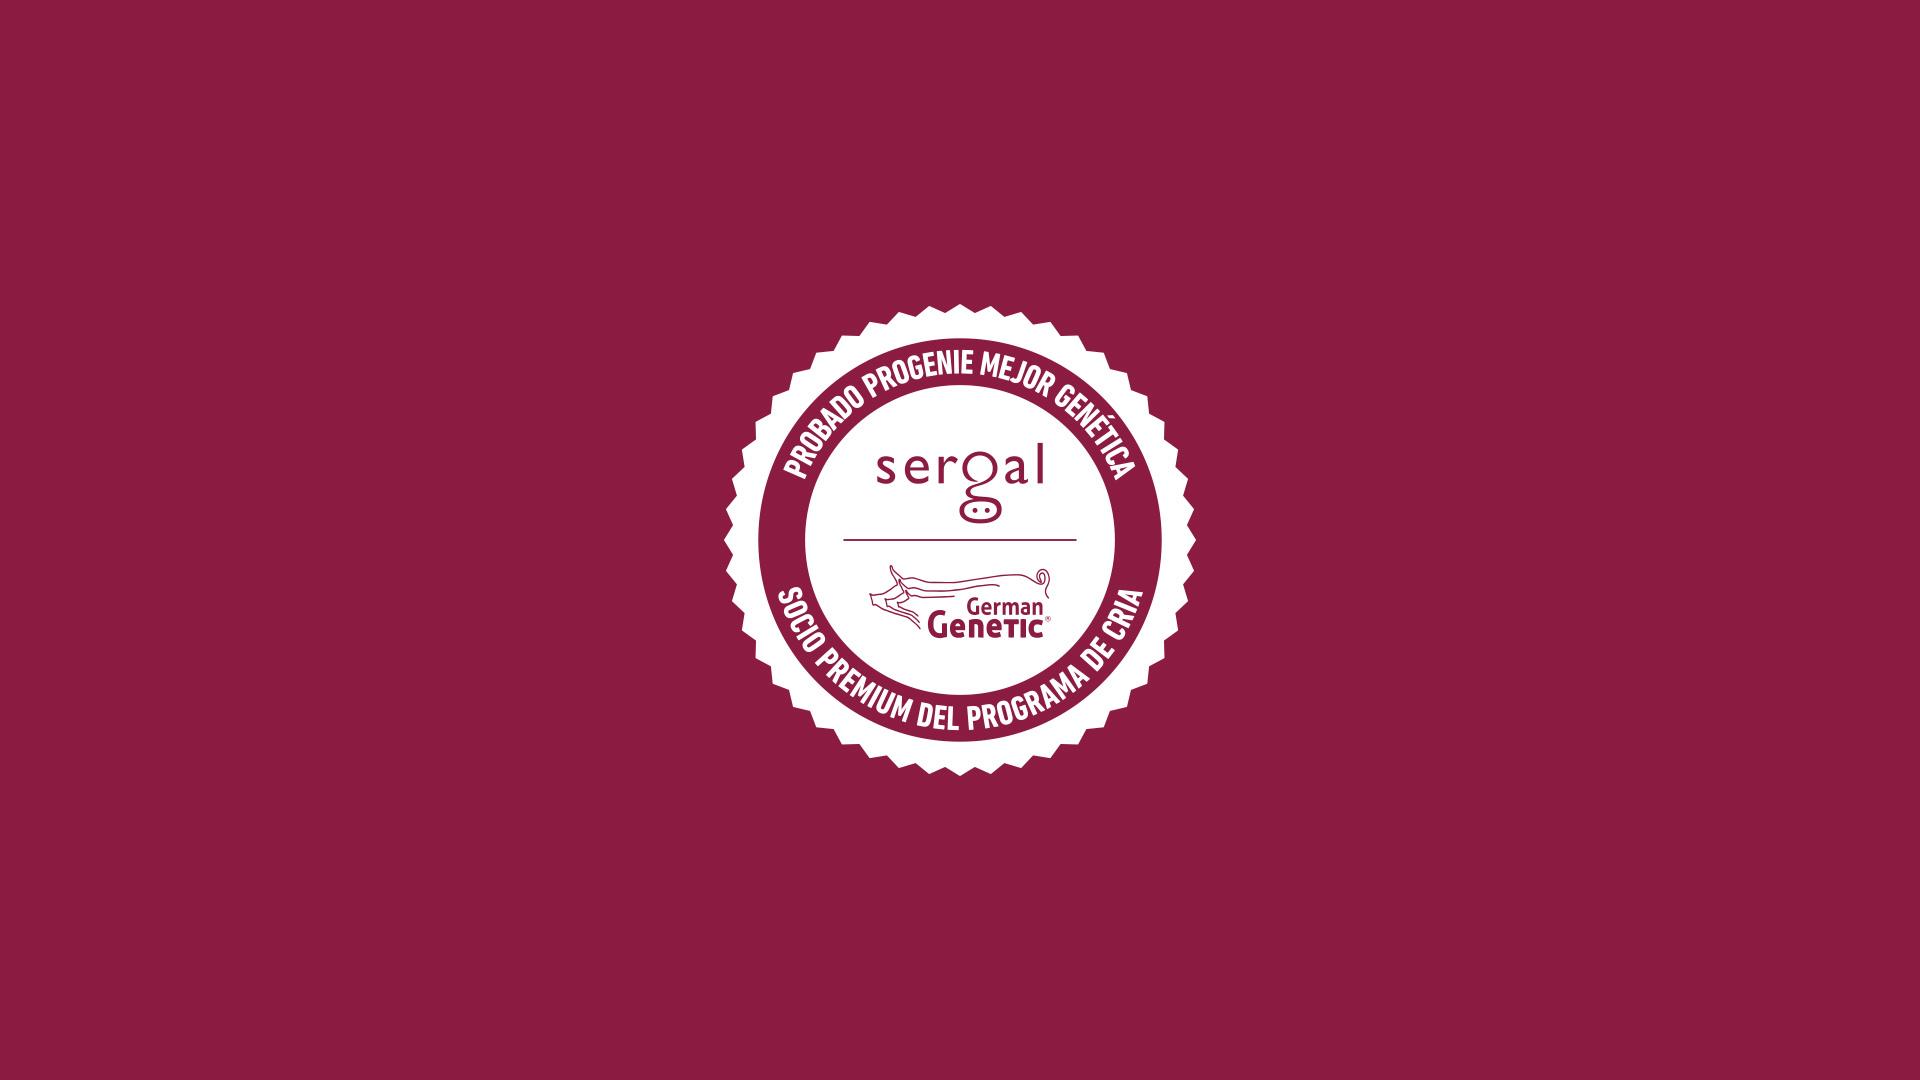 Sergal & German Genetic - Premium Partners